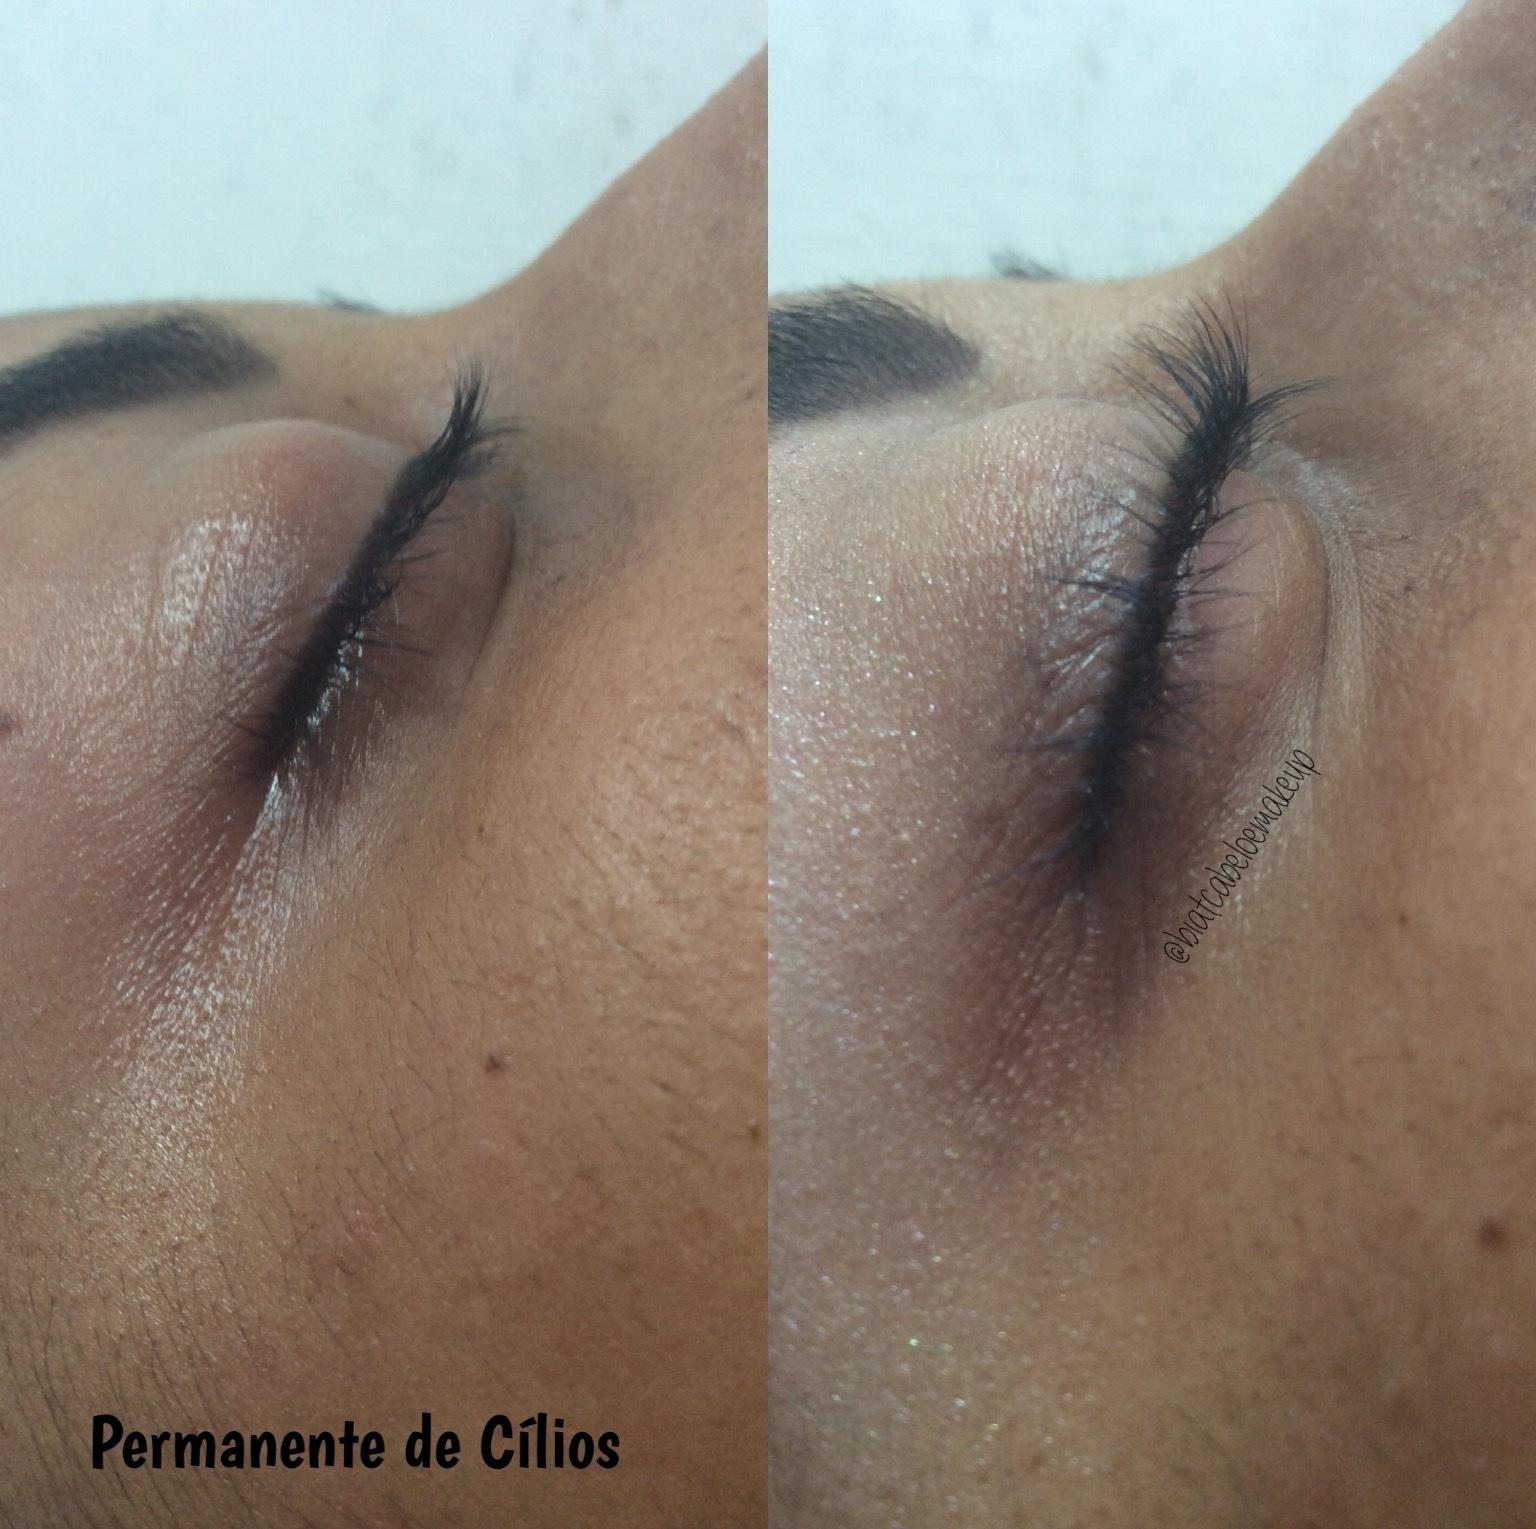 #permanentedecílios outros dermopigmentador(a) designer de sobrancelhas maquiador(a)